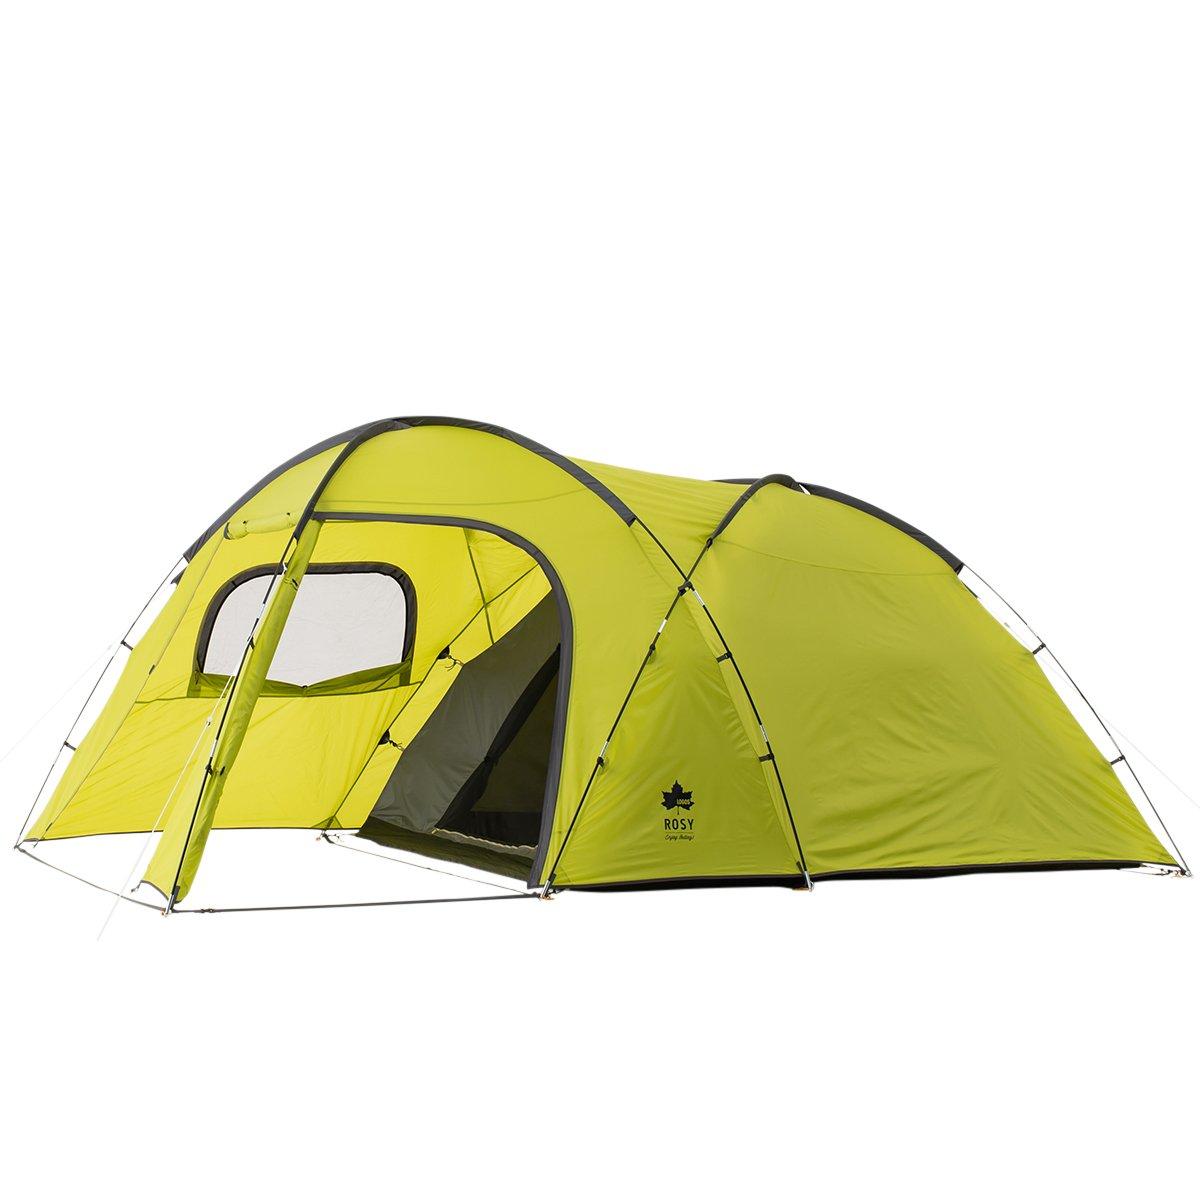 ドームテントのおすすめ14選!大型から1人用まで紹介